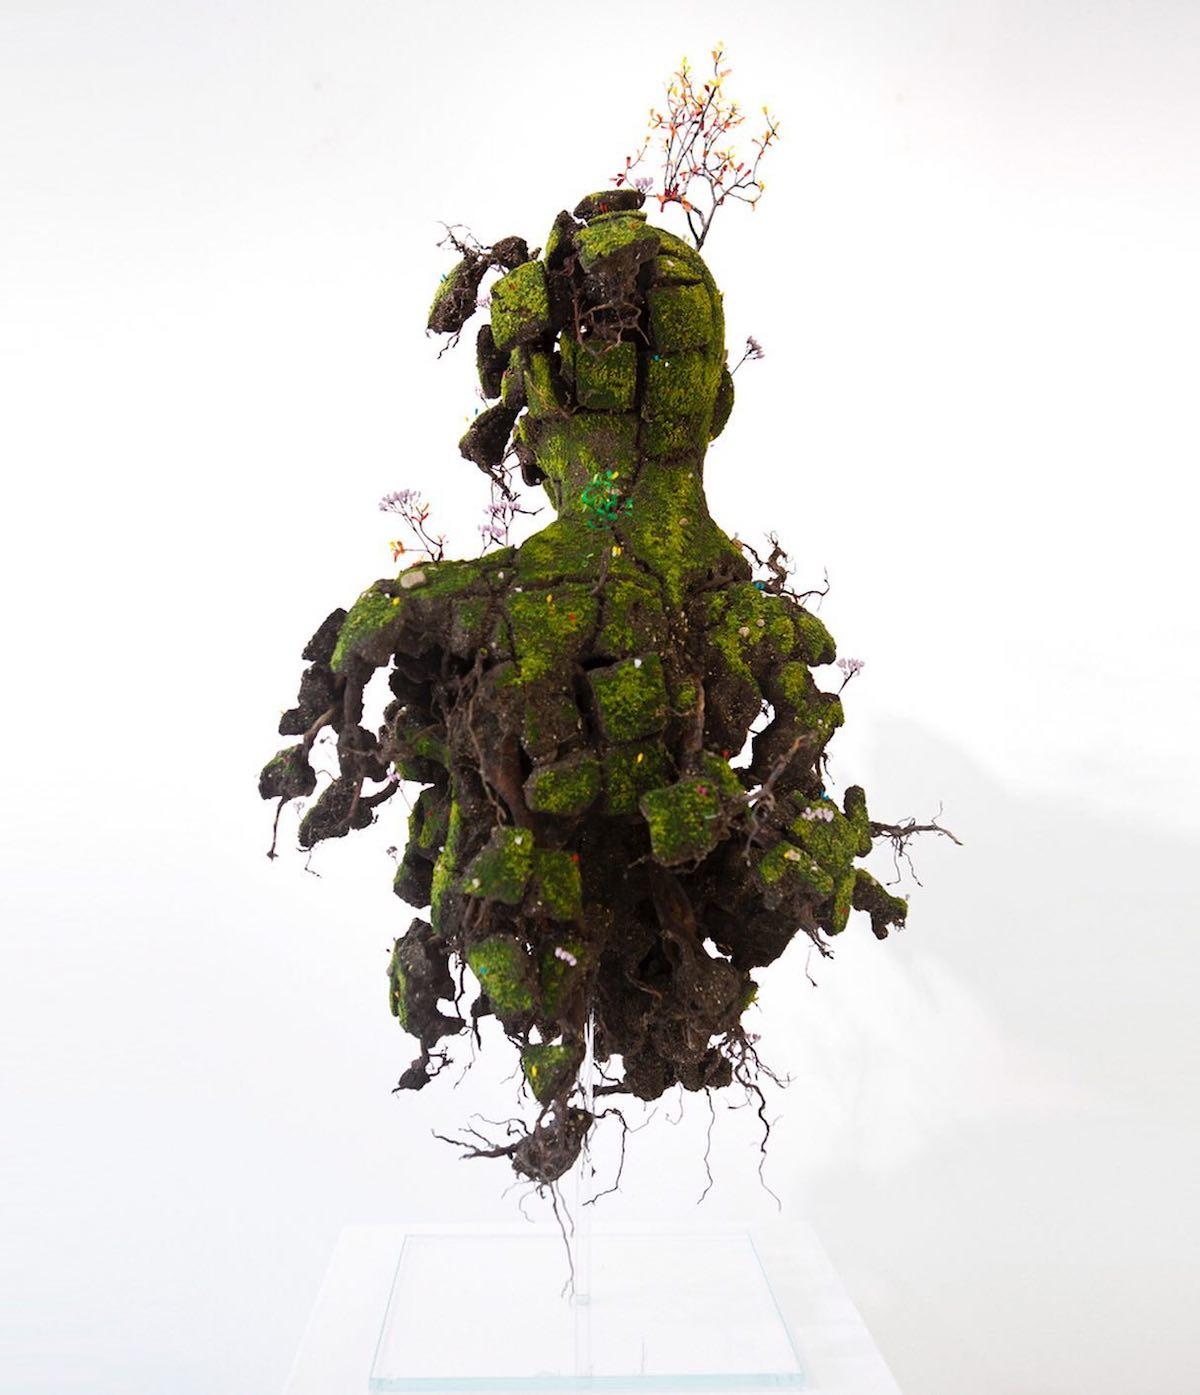 მწვანე მინდორი, მოლი, არტი, ხელოვნება, სკულპტურა, ბლოგი, Qwelly